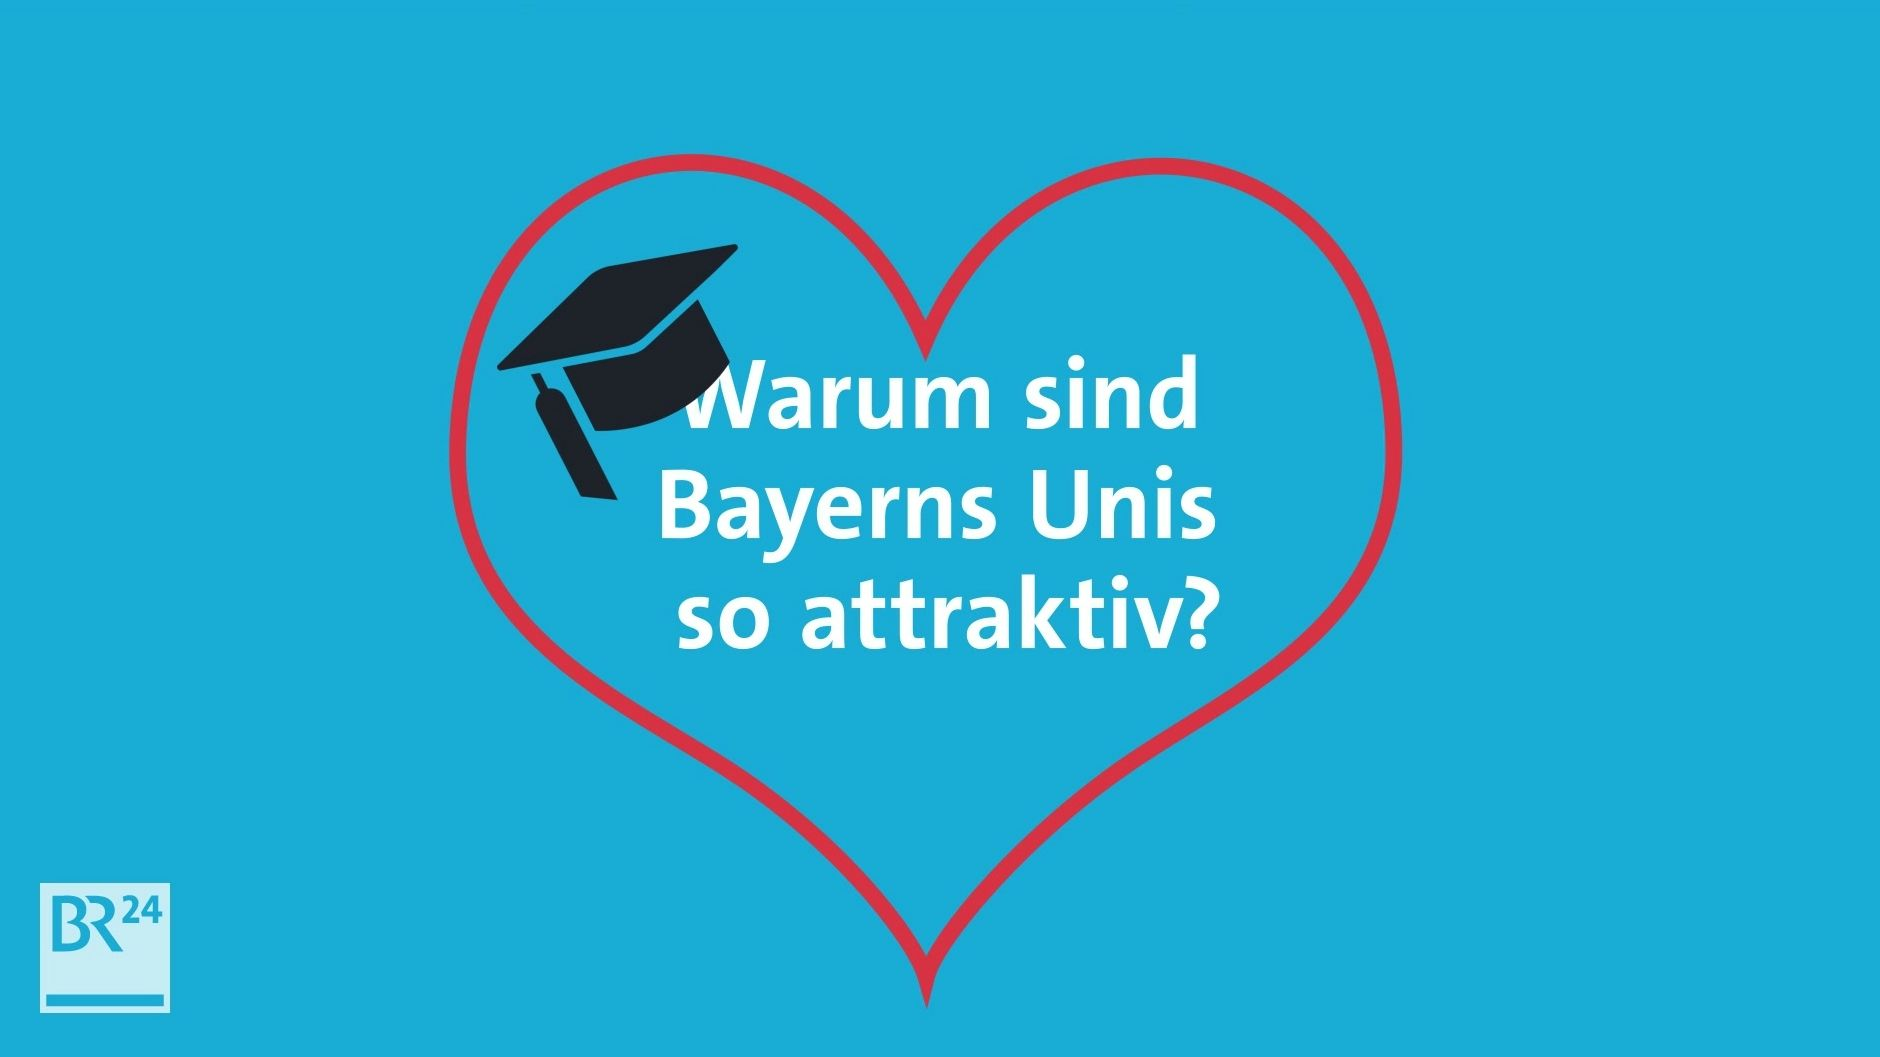 Warum sind Bayerns Unis so attraktiv?